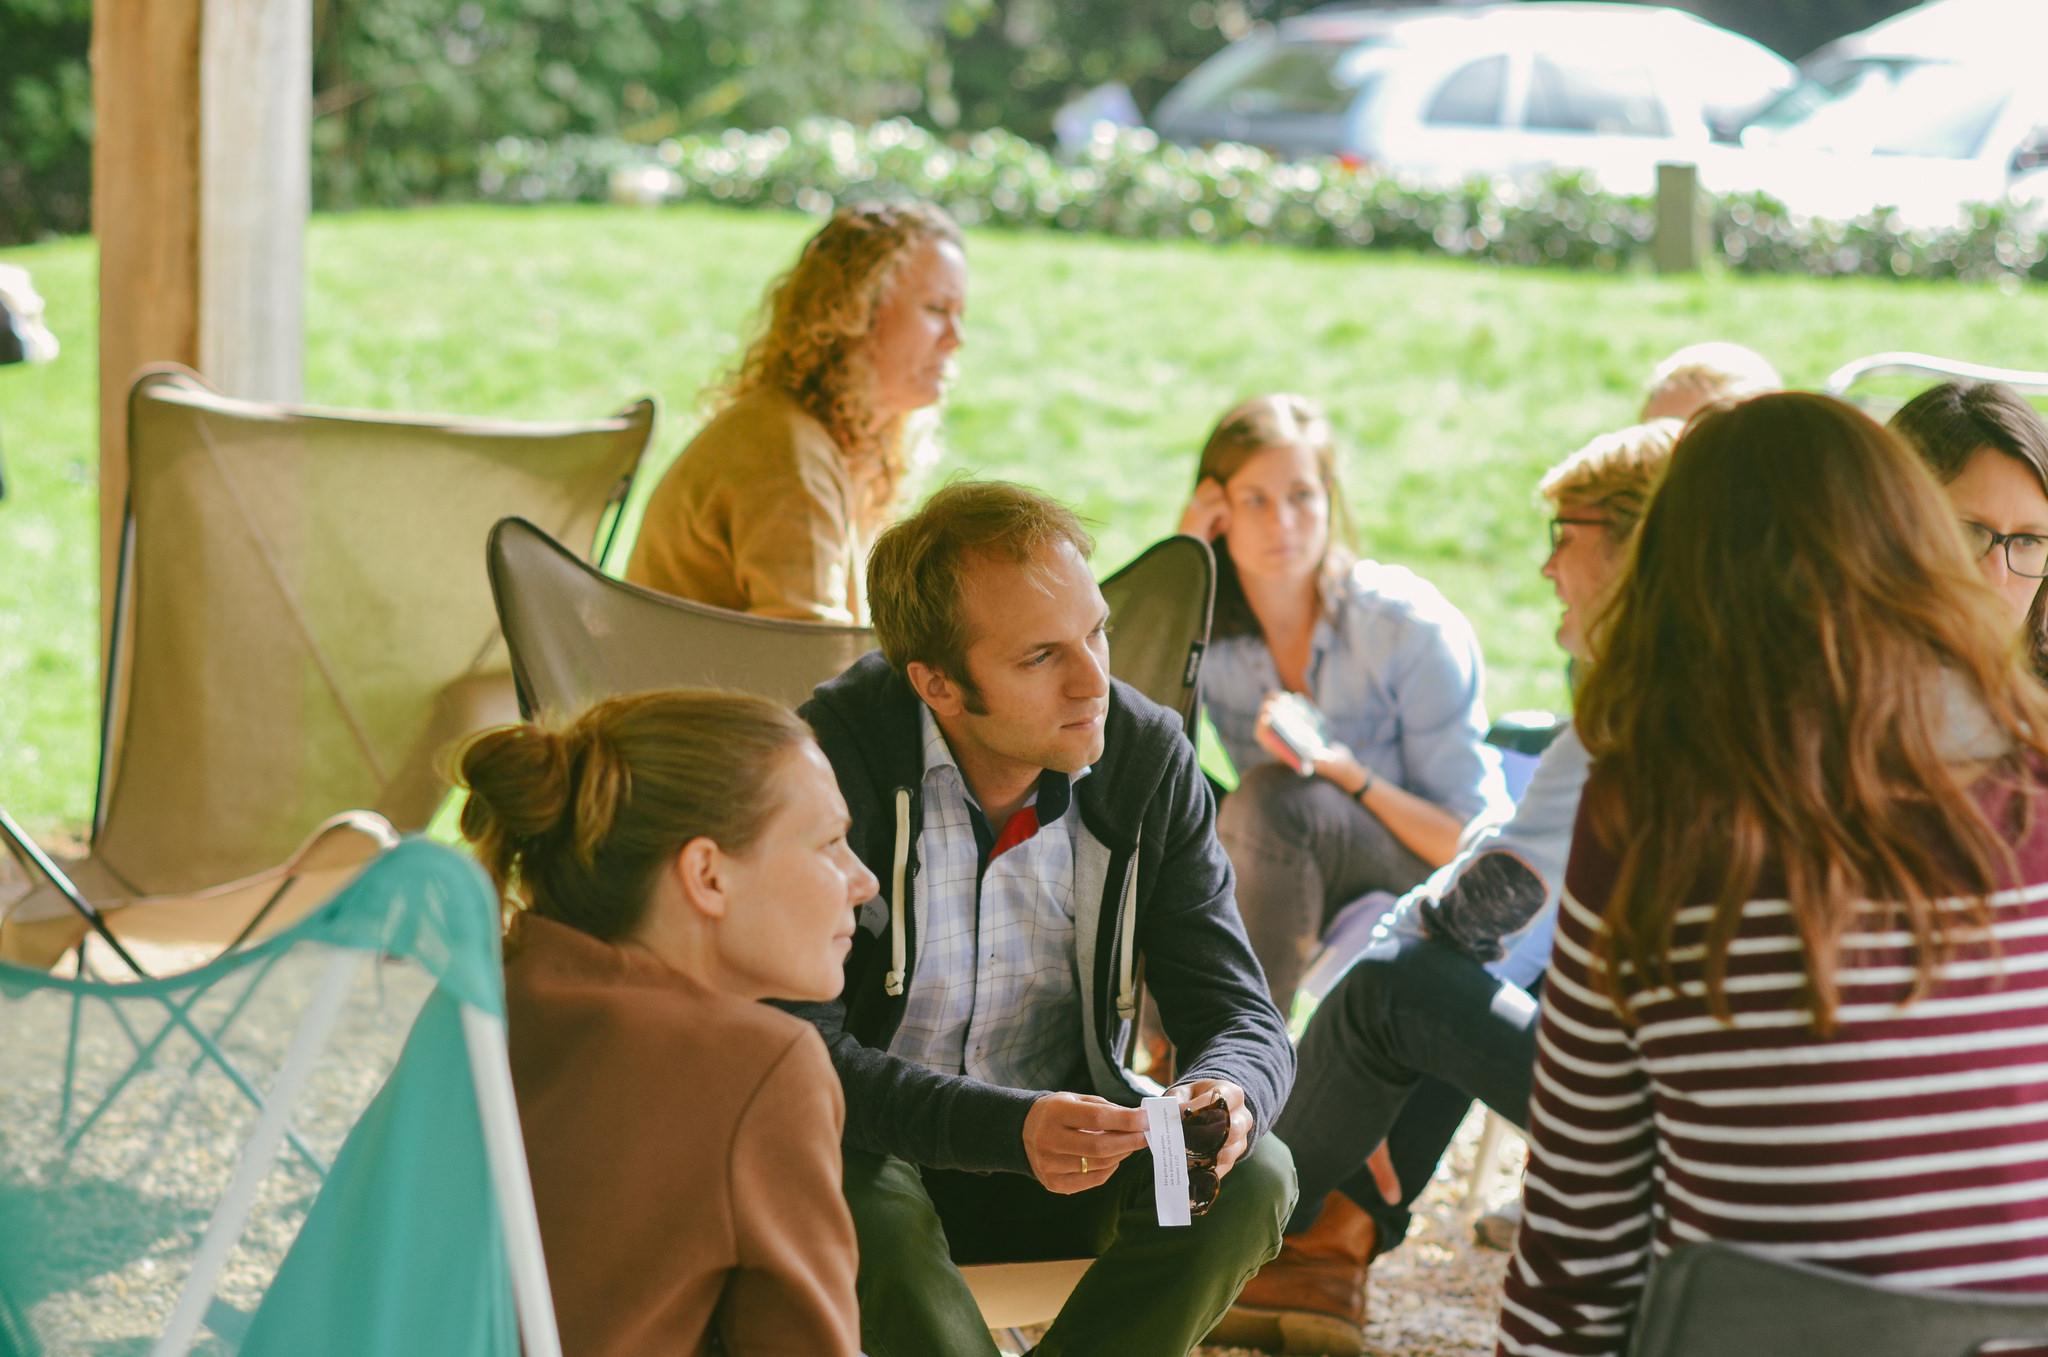 Uitnodiging gezamenlijke startavond kringseizoen op 24 september